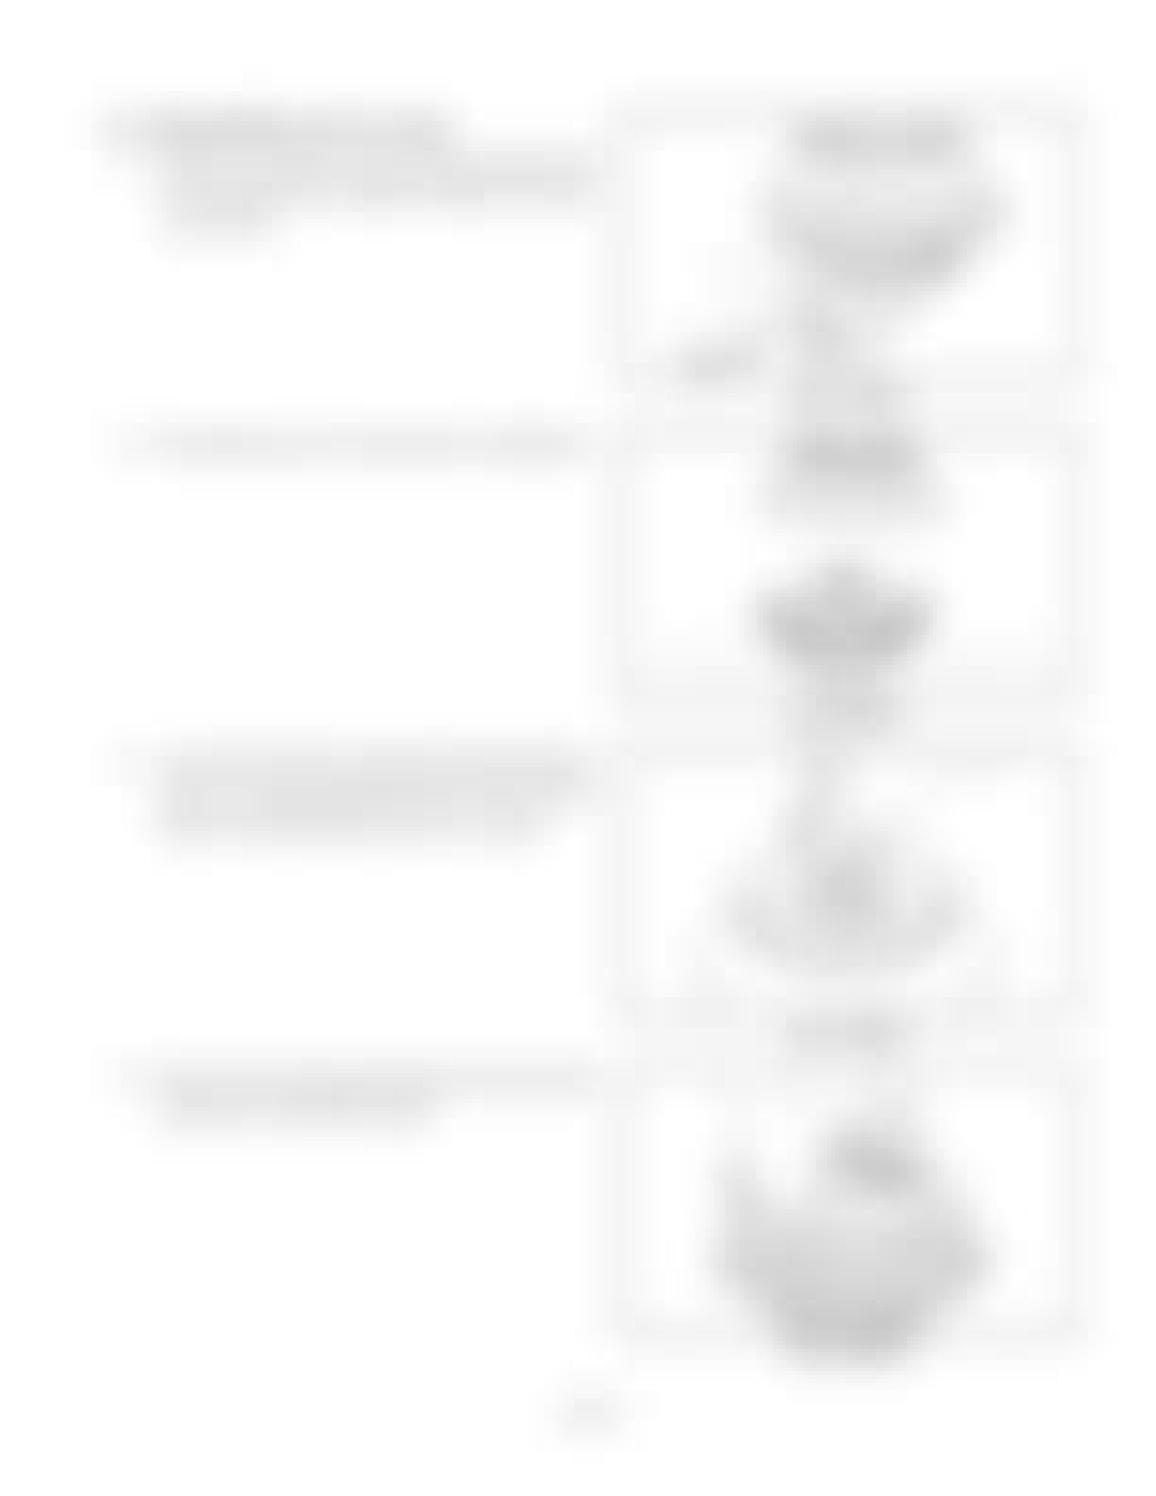 Hitachi LX110-7 LX130-7 LX160-7 LX190-7 LX230-7 Wheel Loader Workshop Manual - PDF DOWNLOAD page 97